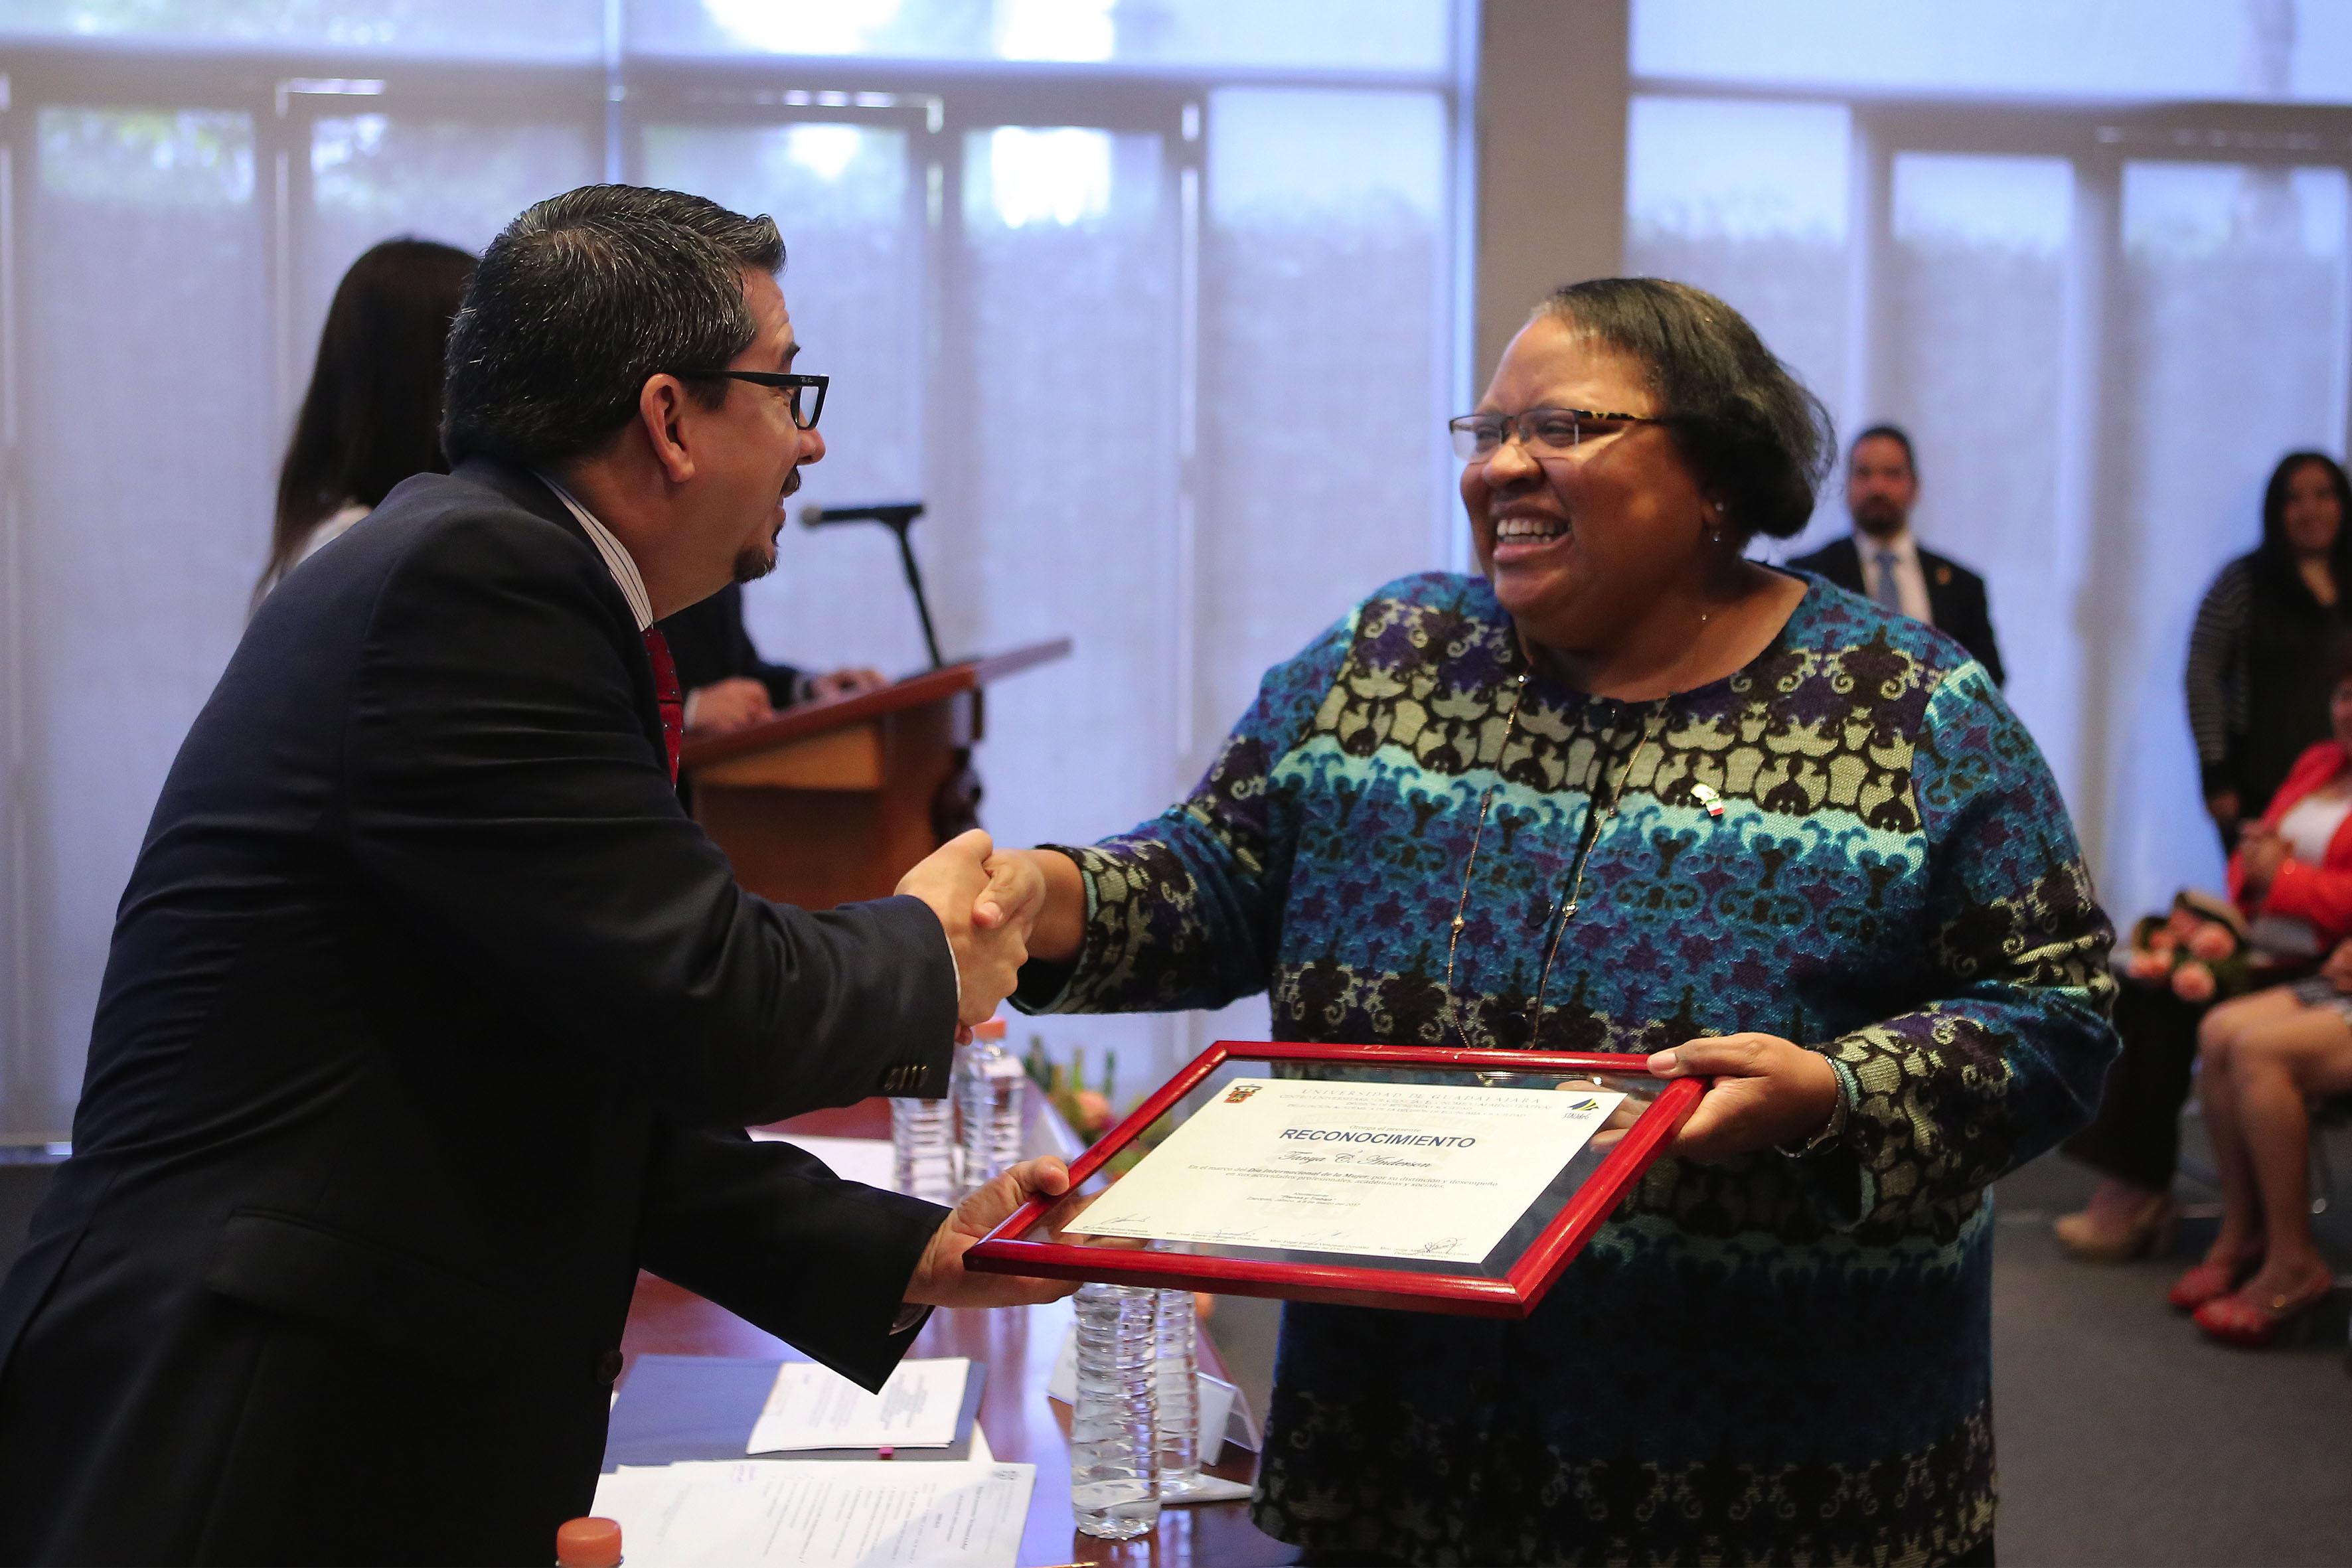 Tanya C. Anderson, Cónsul general de Estados Unidos en Guadalajara, recibiendo reconocimiento por parte del Rector del Centro Universitario de Ciencias Económico Administrativas.